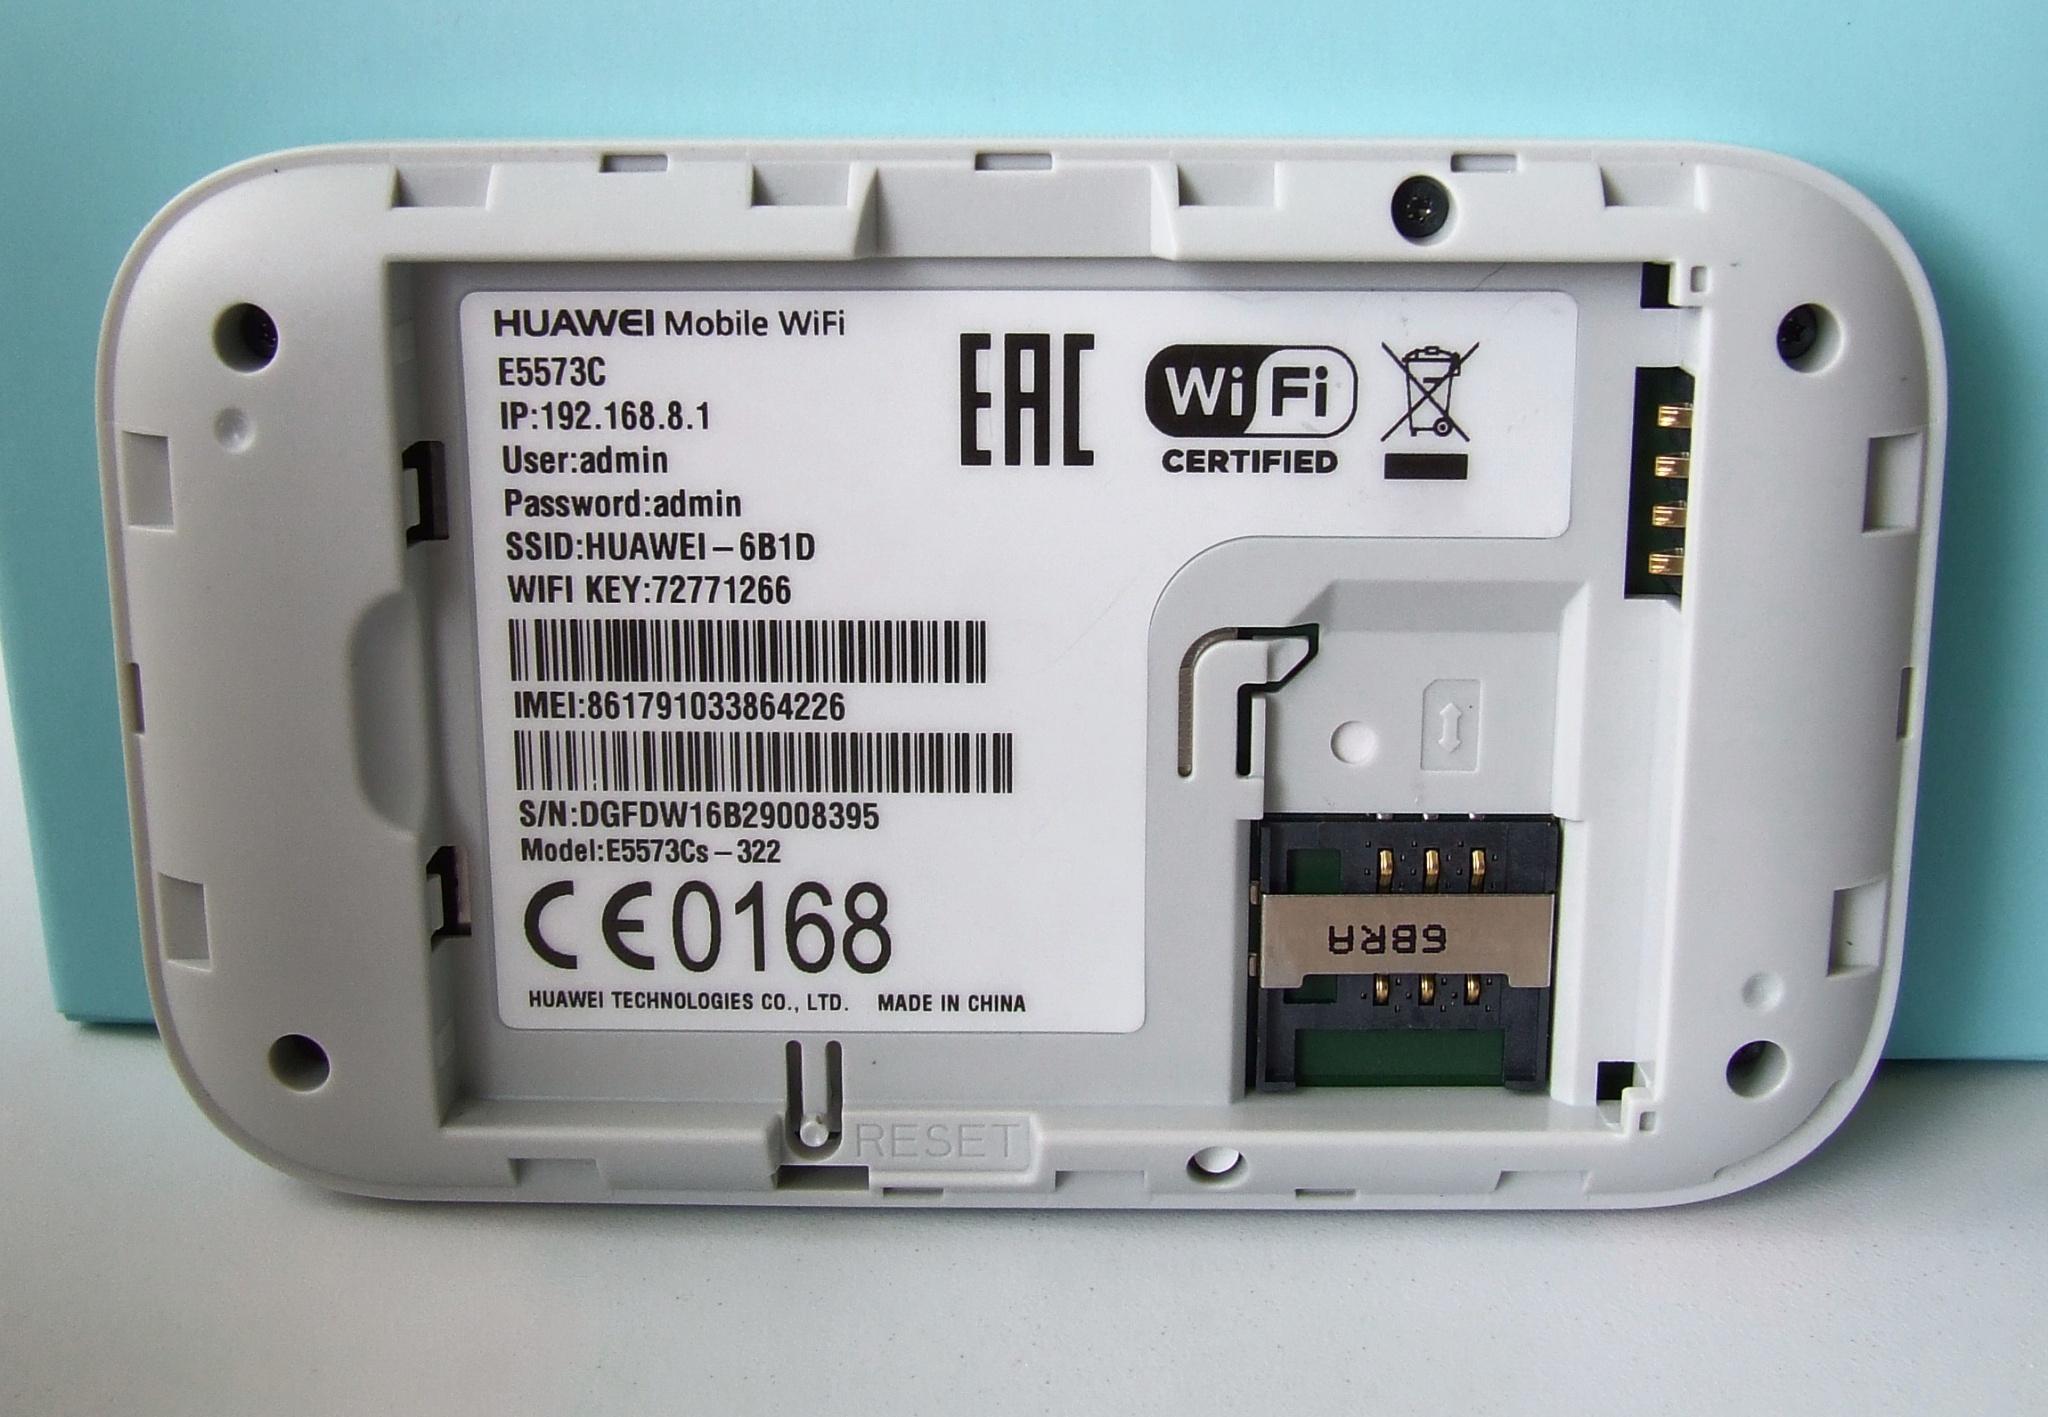 Обзор от покупателя на Модем (роутер) Huawei E5573Cs-322 4G USB Wi